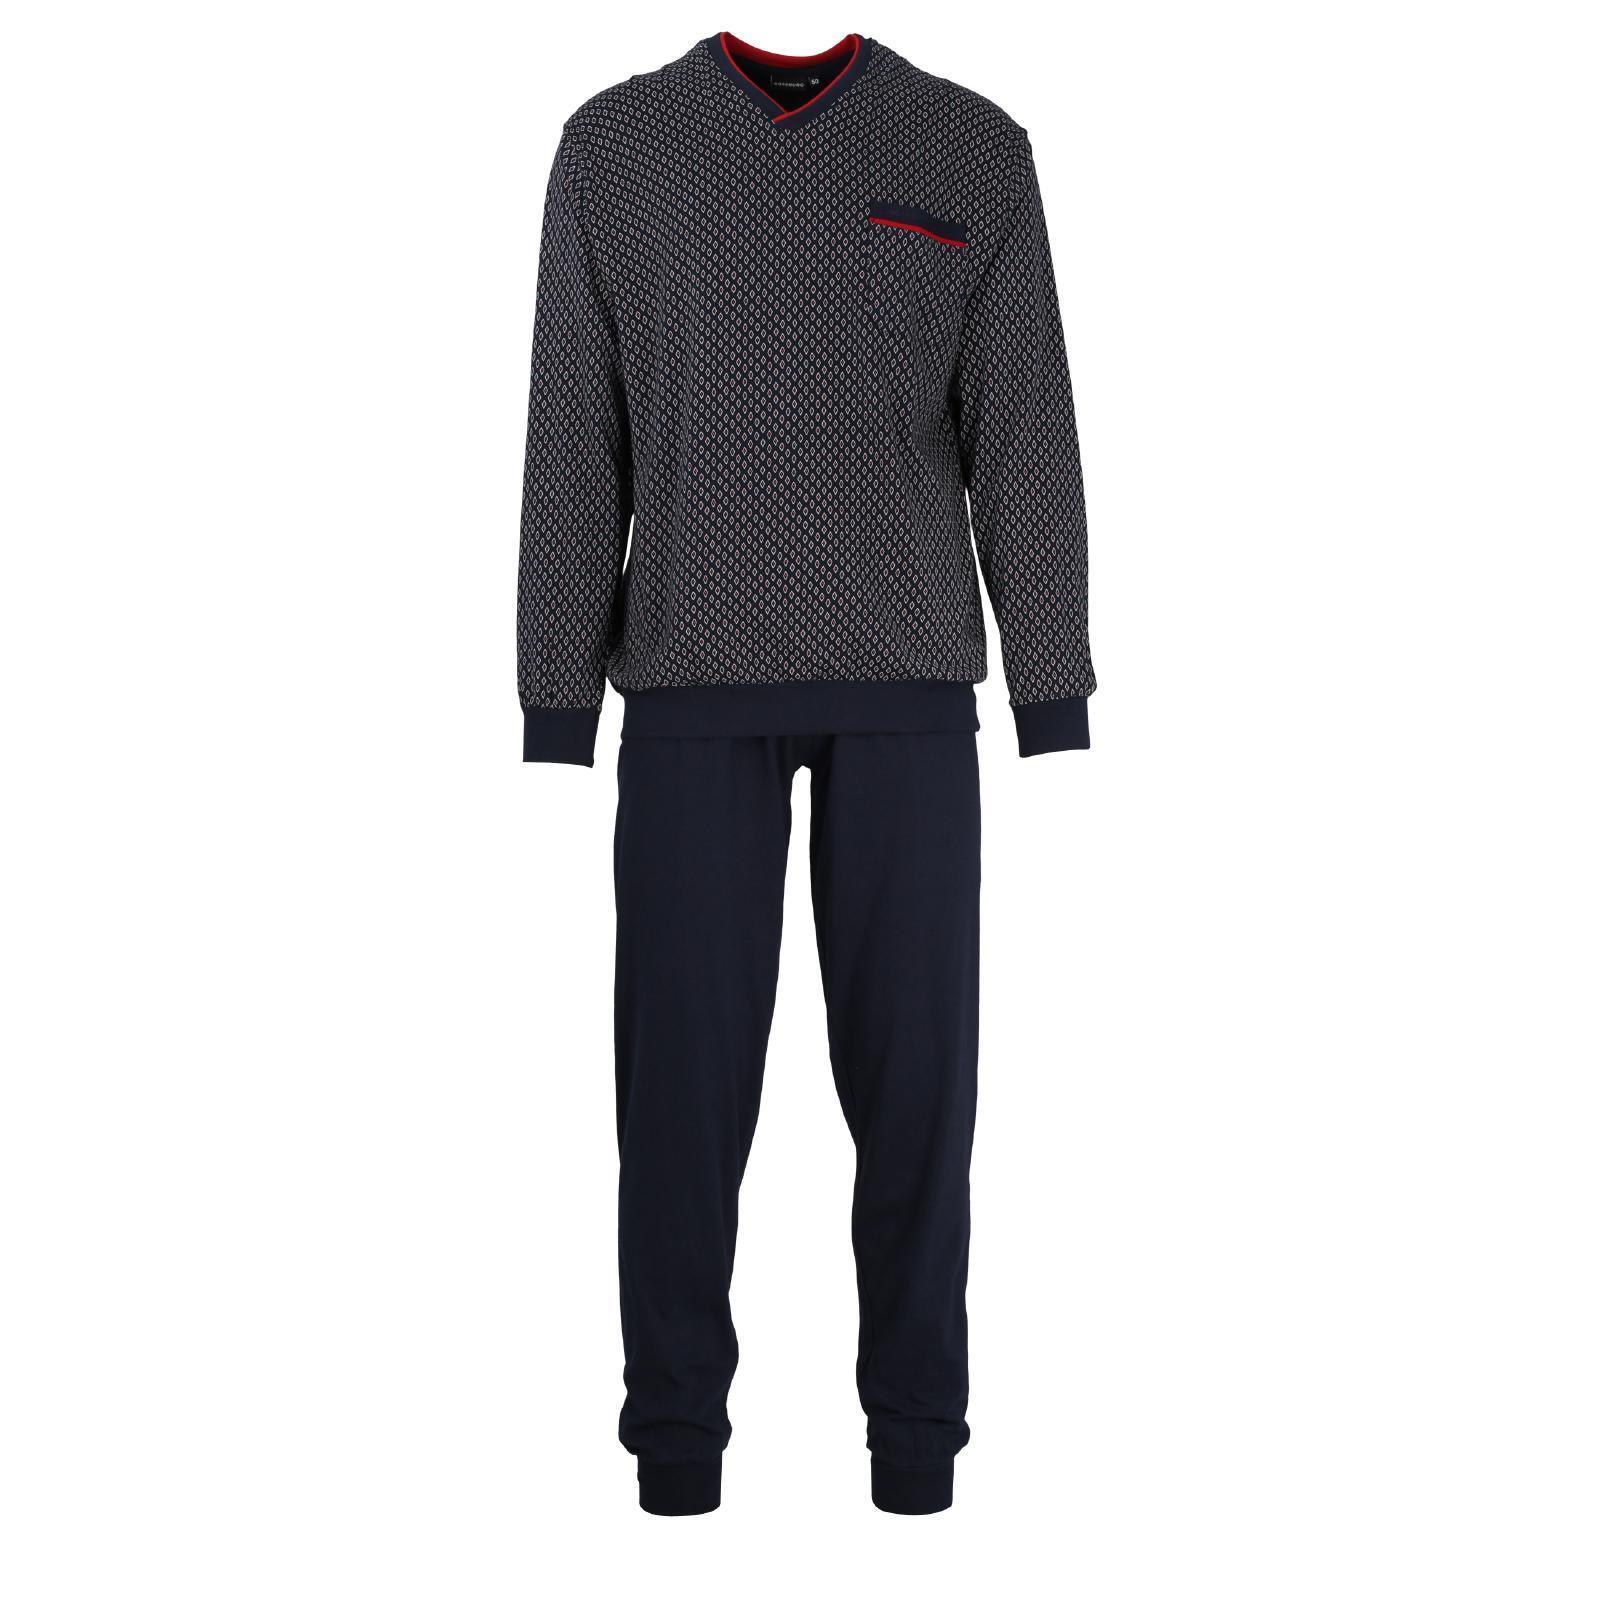 Götzburg Pyjama Schlafanzug lang  Gr. 72/74  Over Größe Übergröße navy  Bündchen